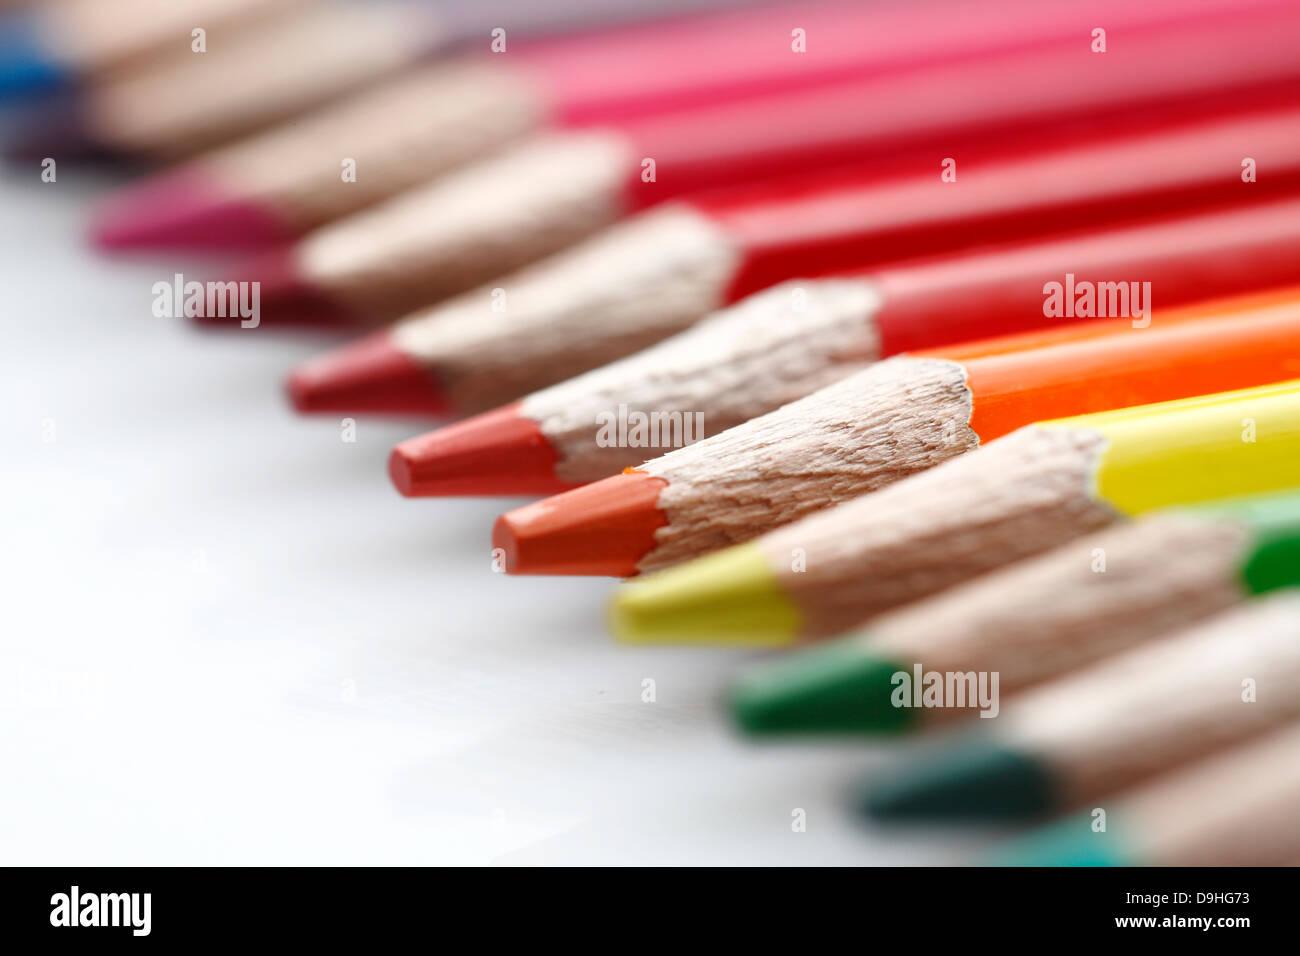 Un crayon de couleur tourner en perspective. Photo Stock